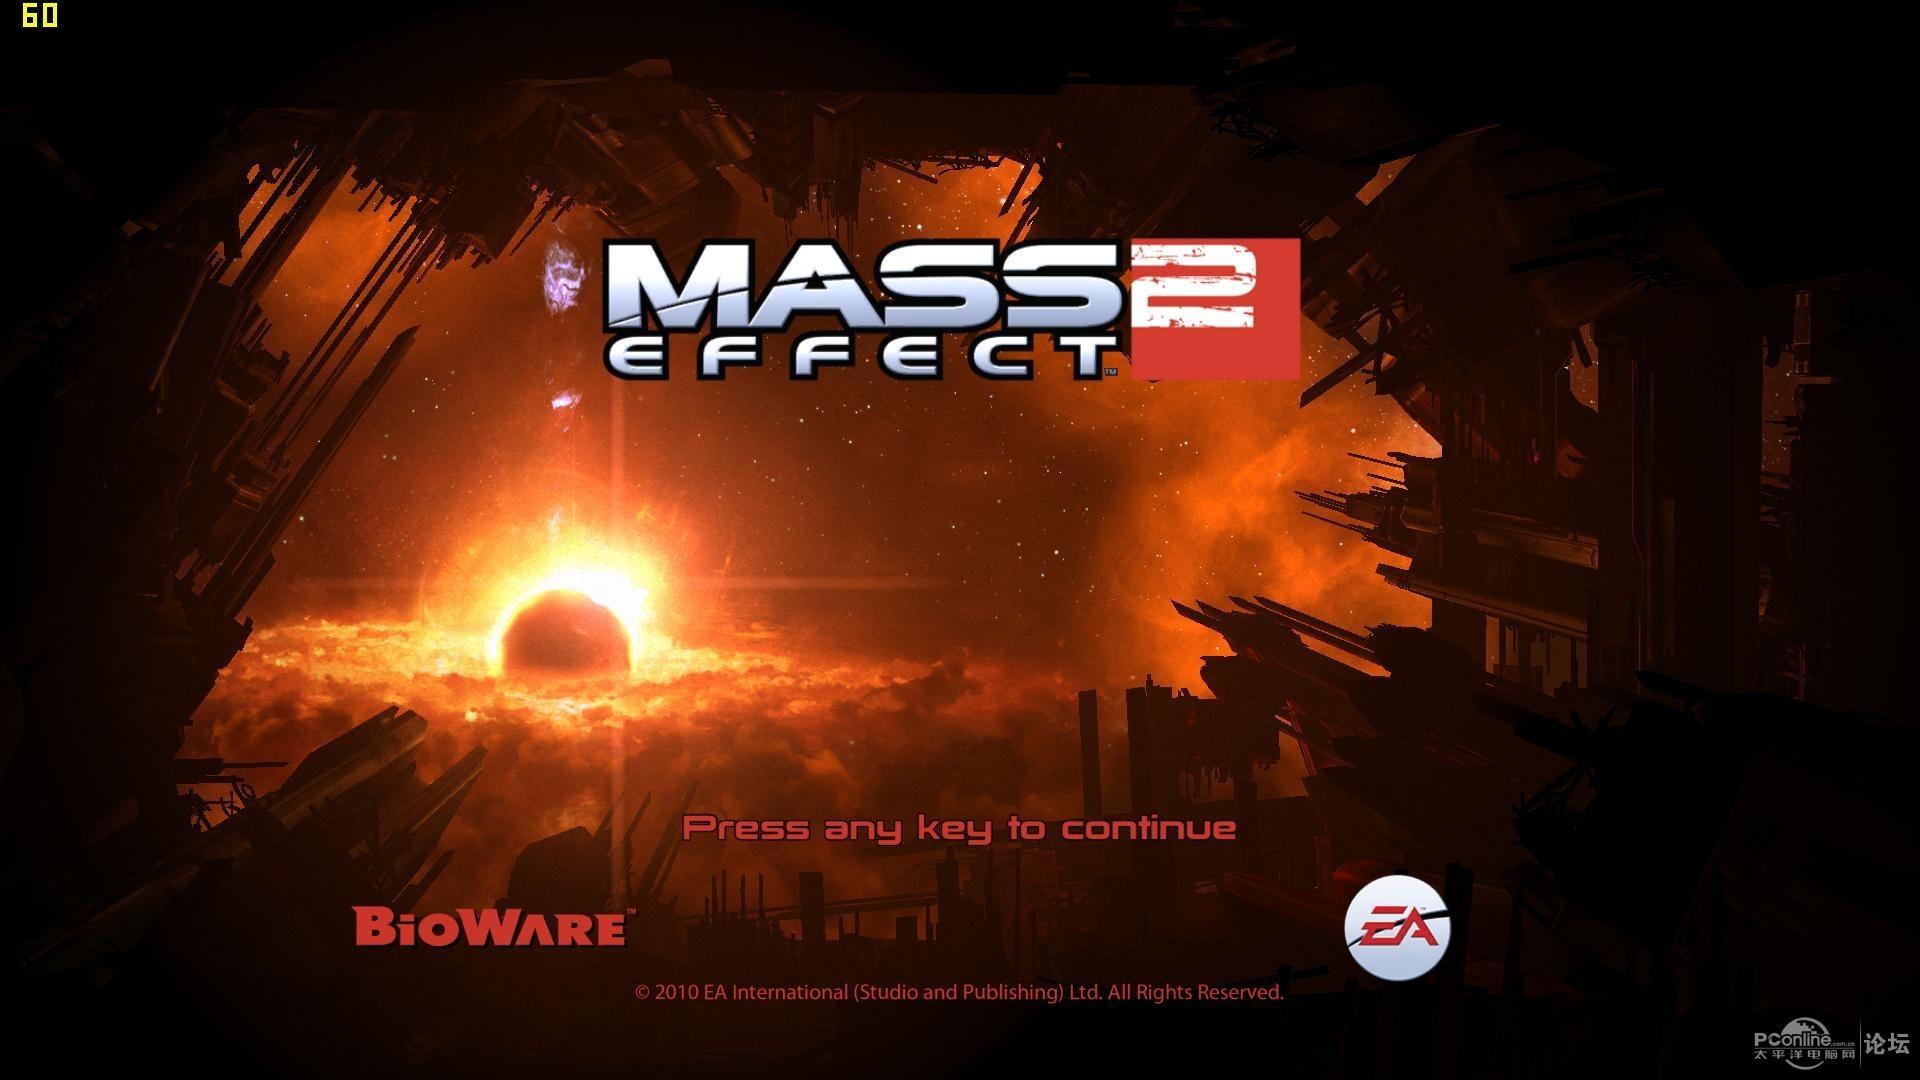 Mass Effect 2 Hd Wallpapers 2 1920x1080 Wallpaper Download Mass